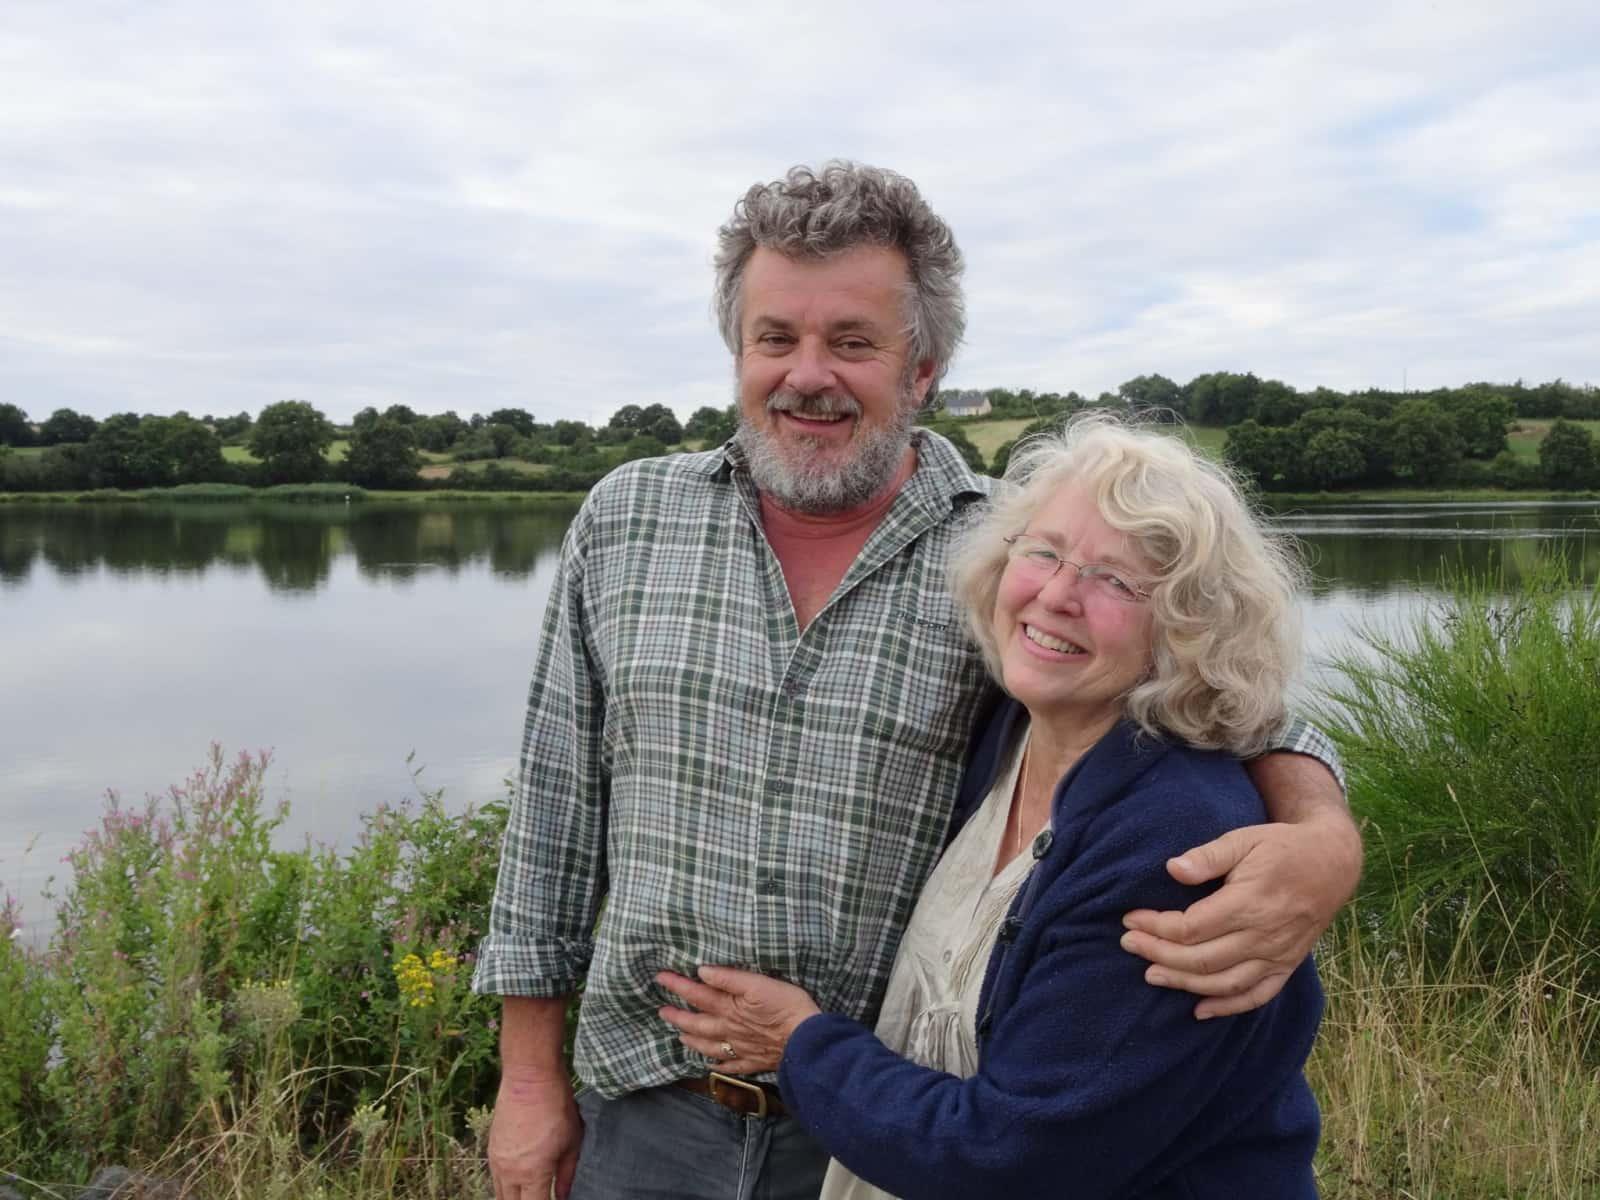 Mark & Andrea from Sablé-sur-Sarthe, France